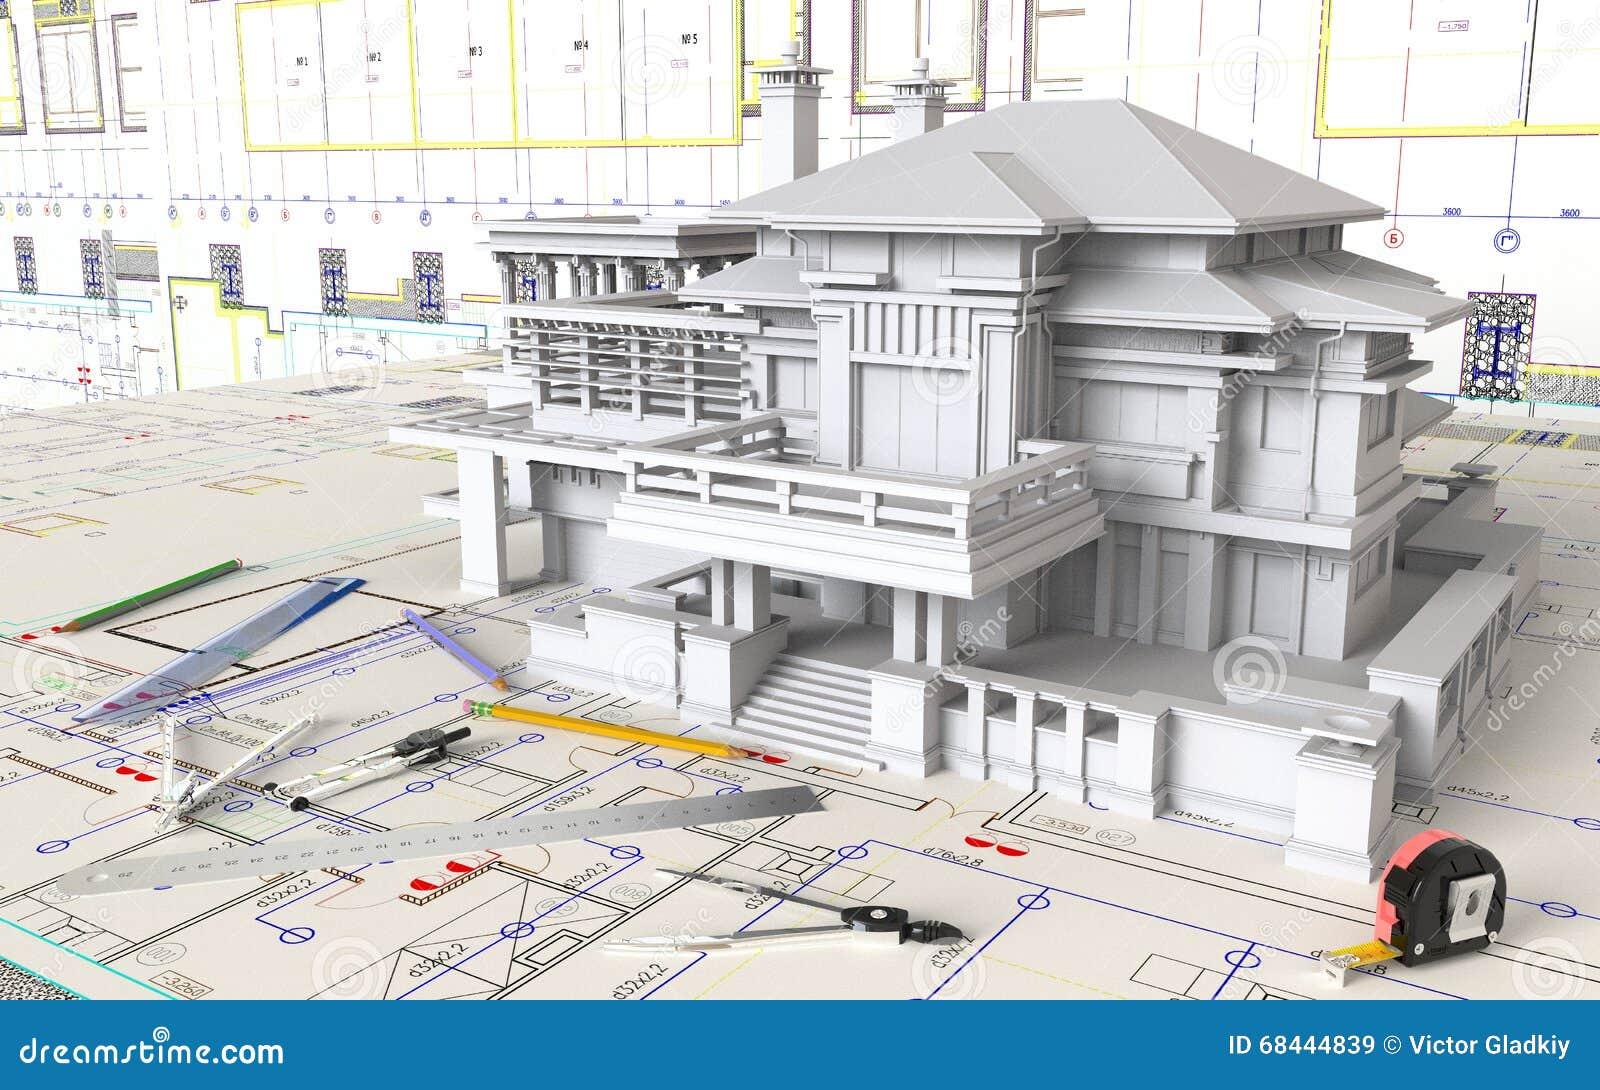 Haus plan und architekturzeichnungen stockfoto bild for Haus plan